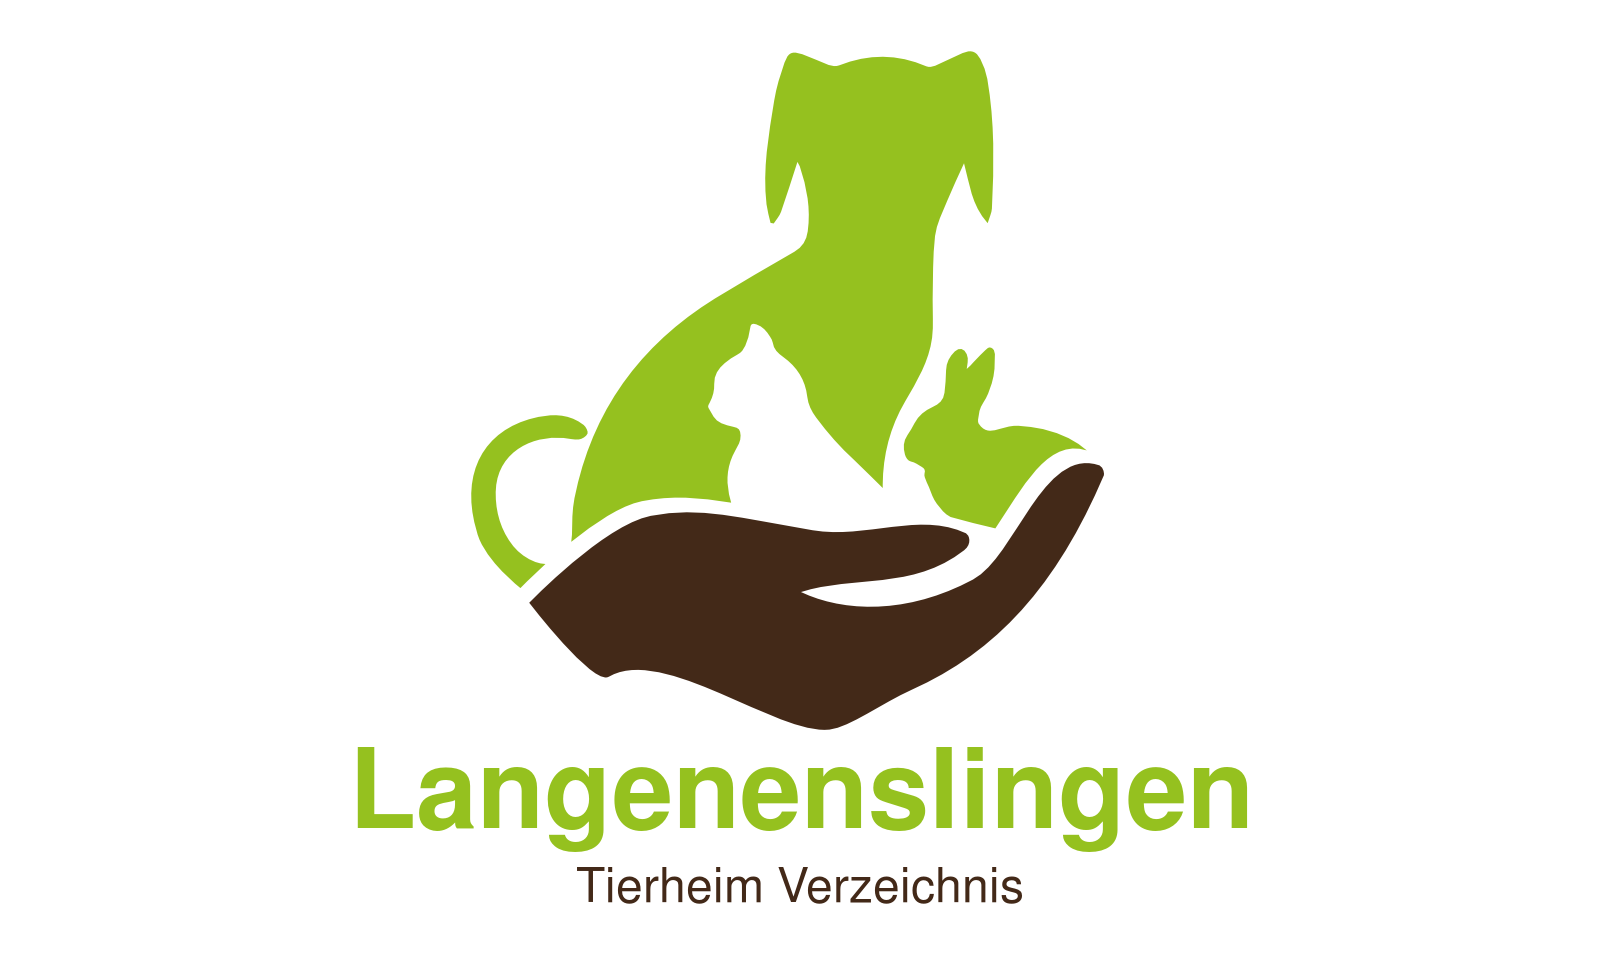 Tierheim Langenenslingen